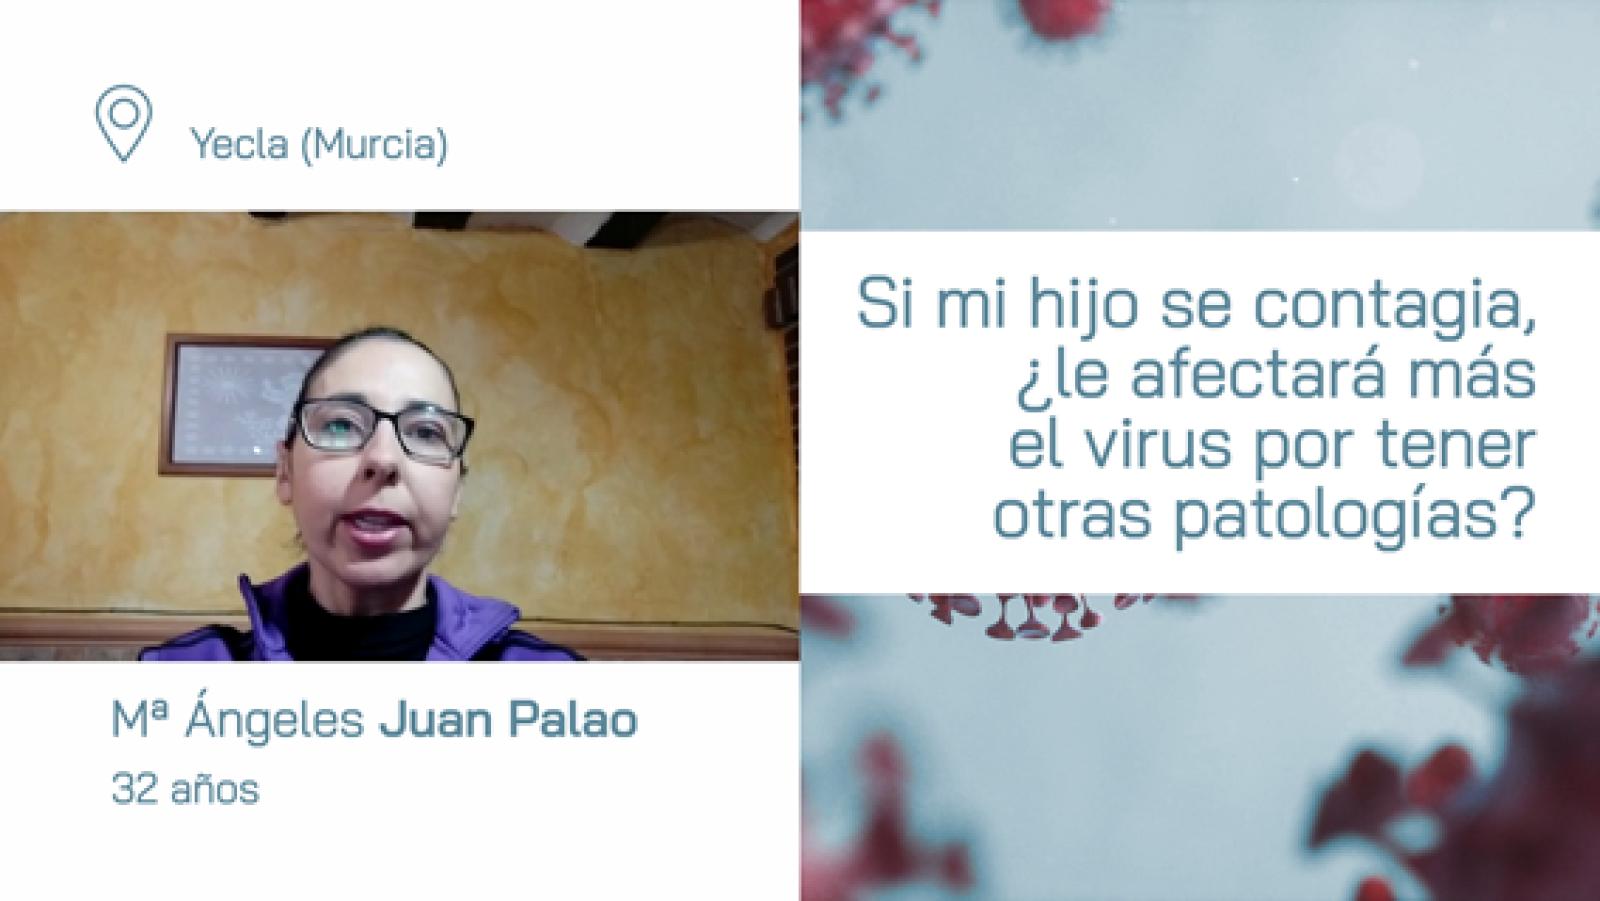 ¿Si se contagia mi hijo de coronavirus le afecta más que a otros por tener patologías?